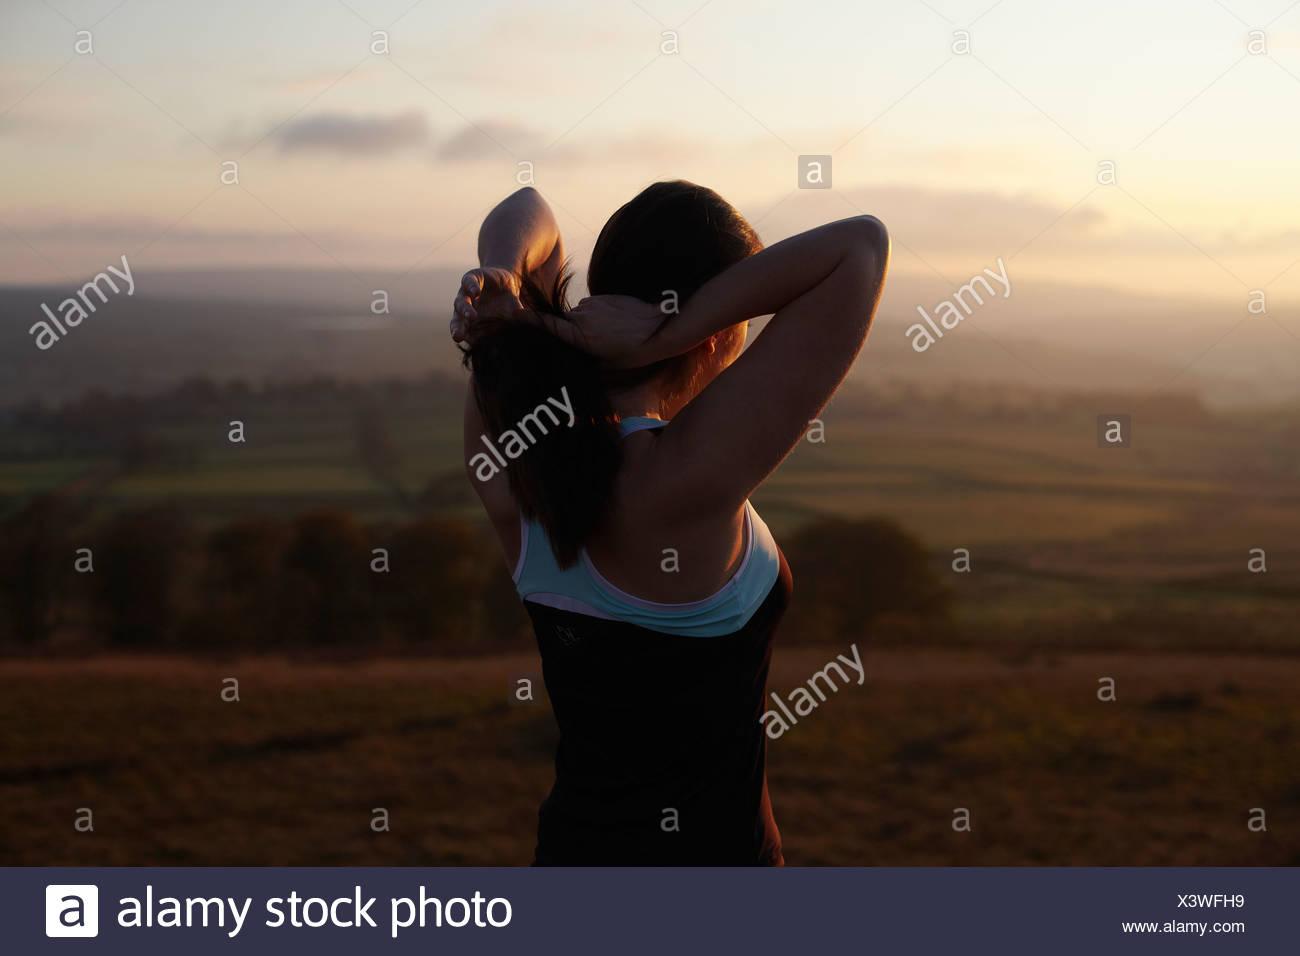 Runner atando su cabello en el paisaje rural Imagen De Stock